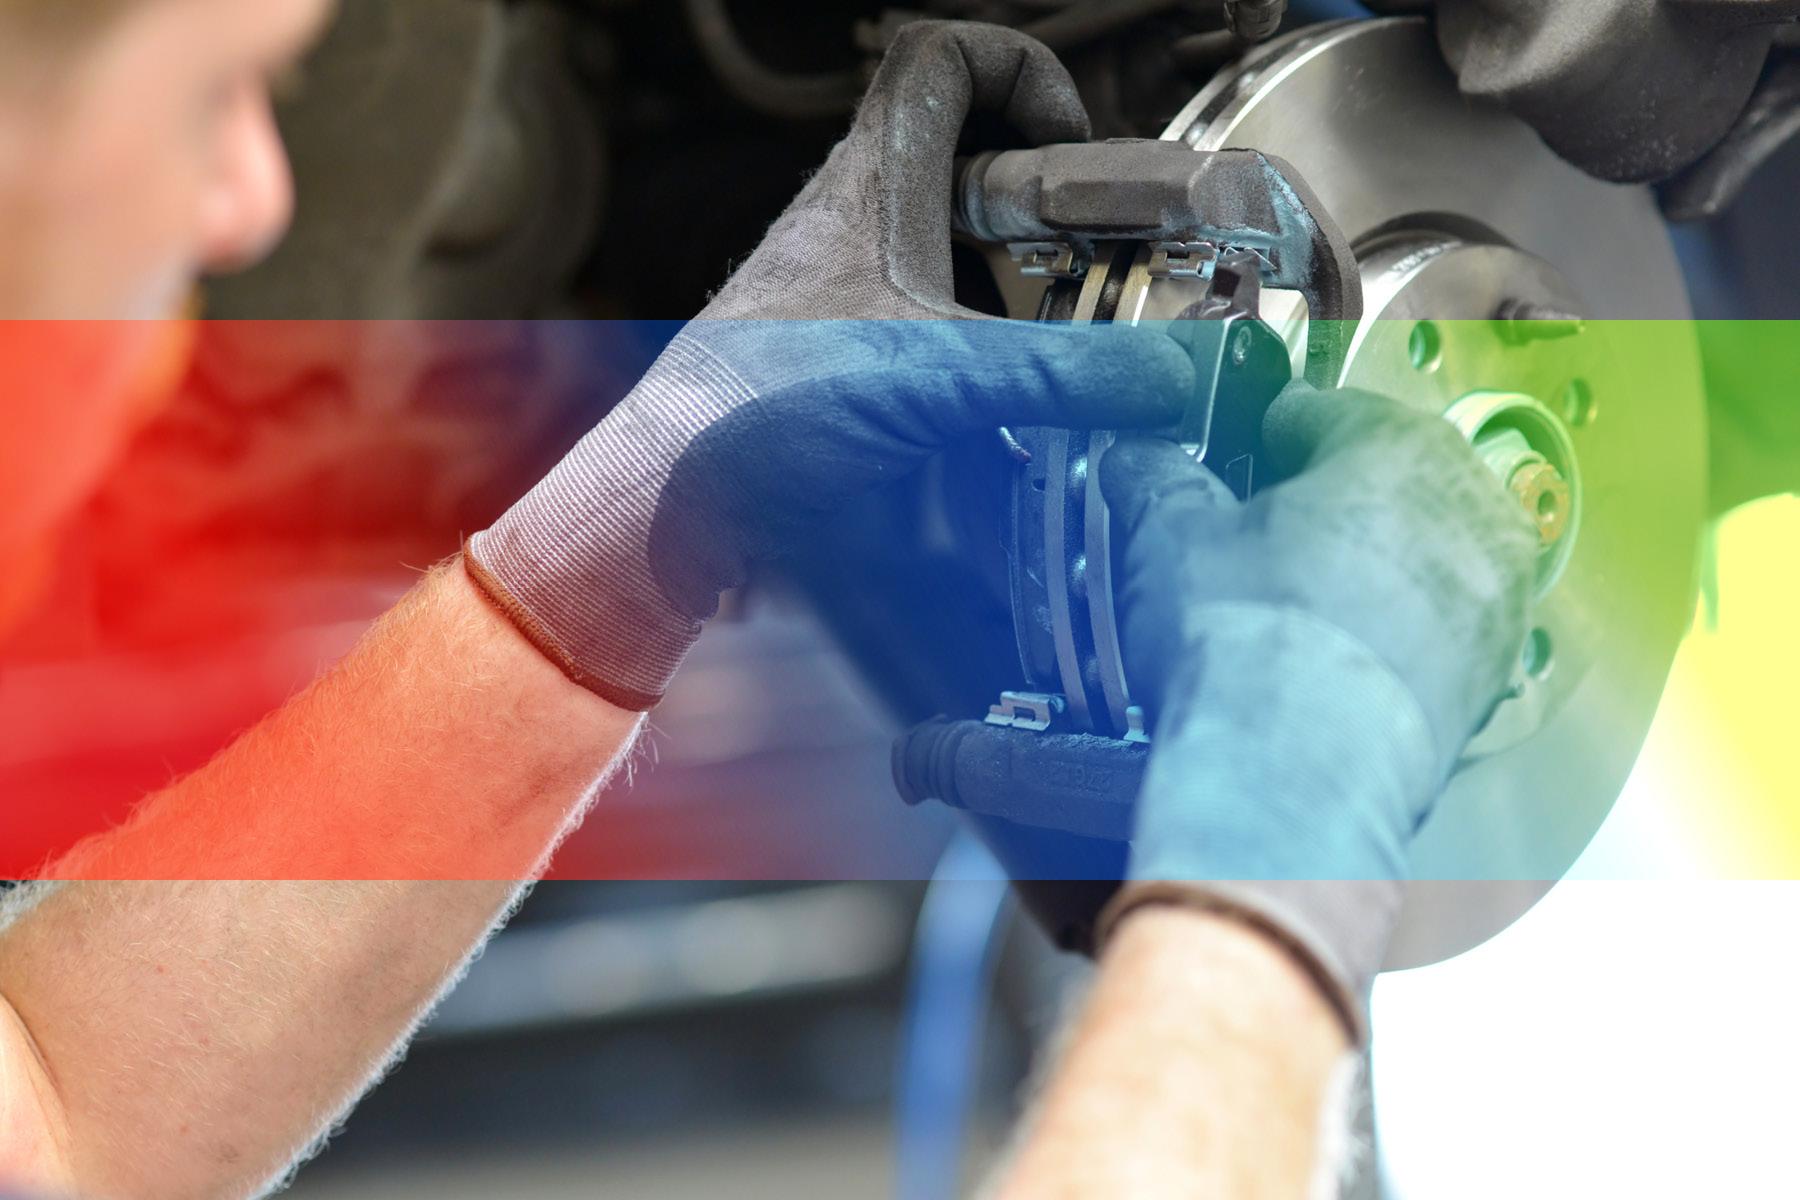 Ein Mechaniker mit Schutzhandschuhen repariert eine Bremse im Rahmen des Werkstatt-, Teile- und Reifenservice des Fahrzeughaus Müller